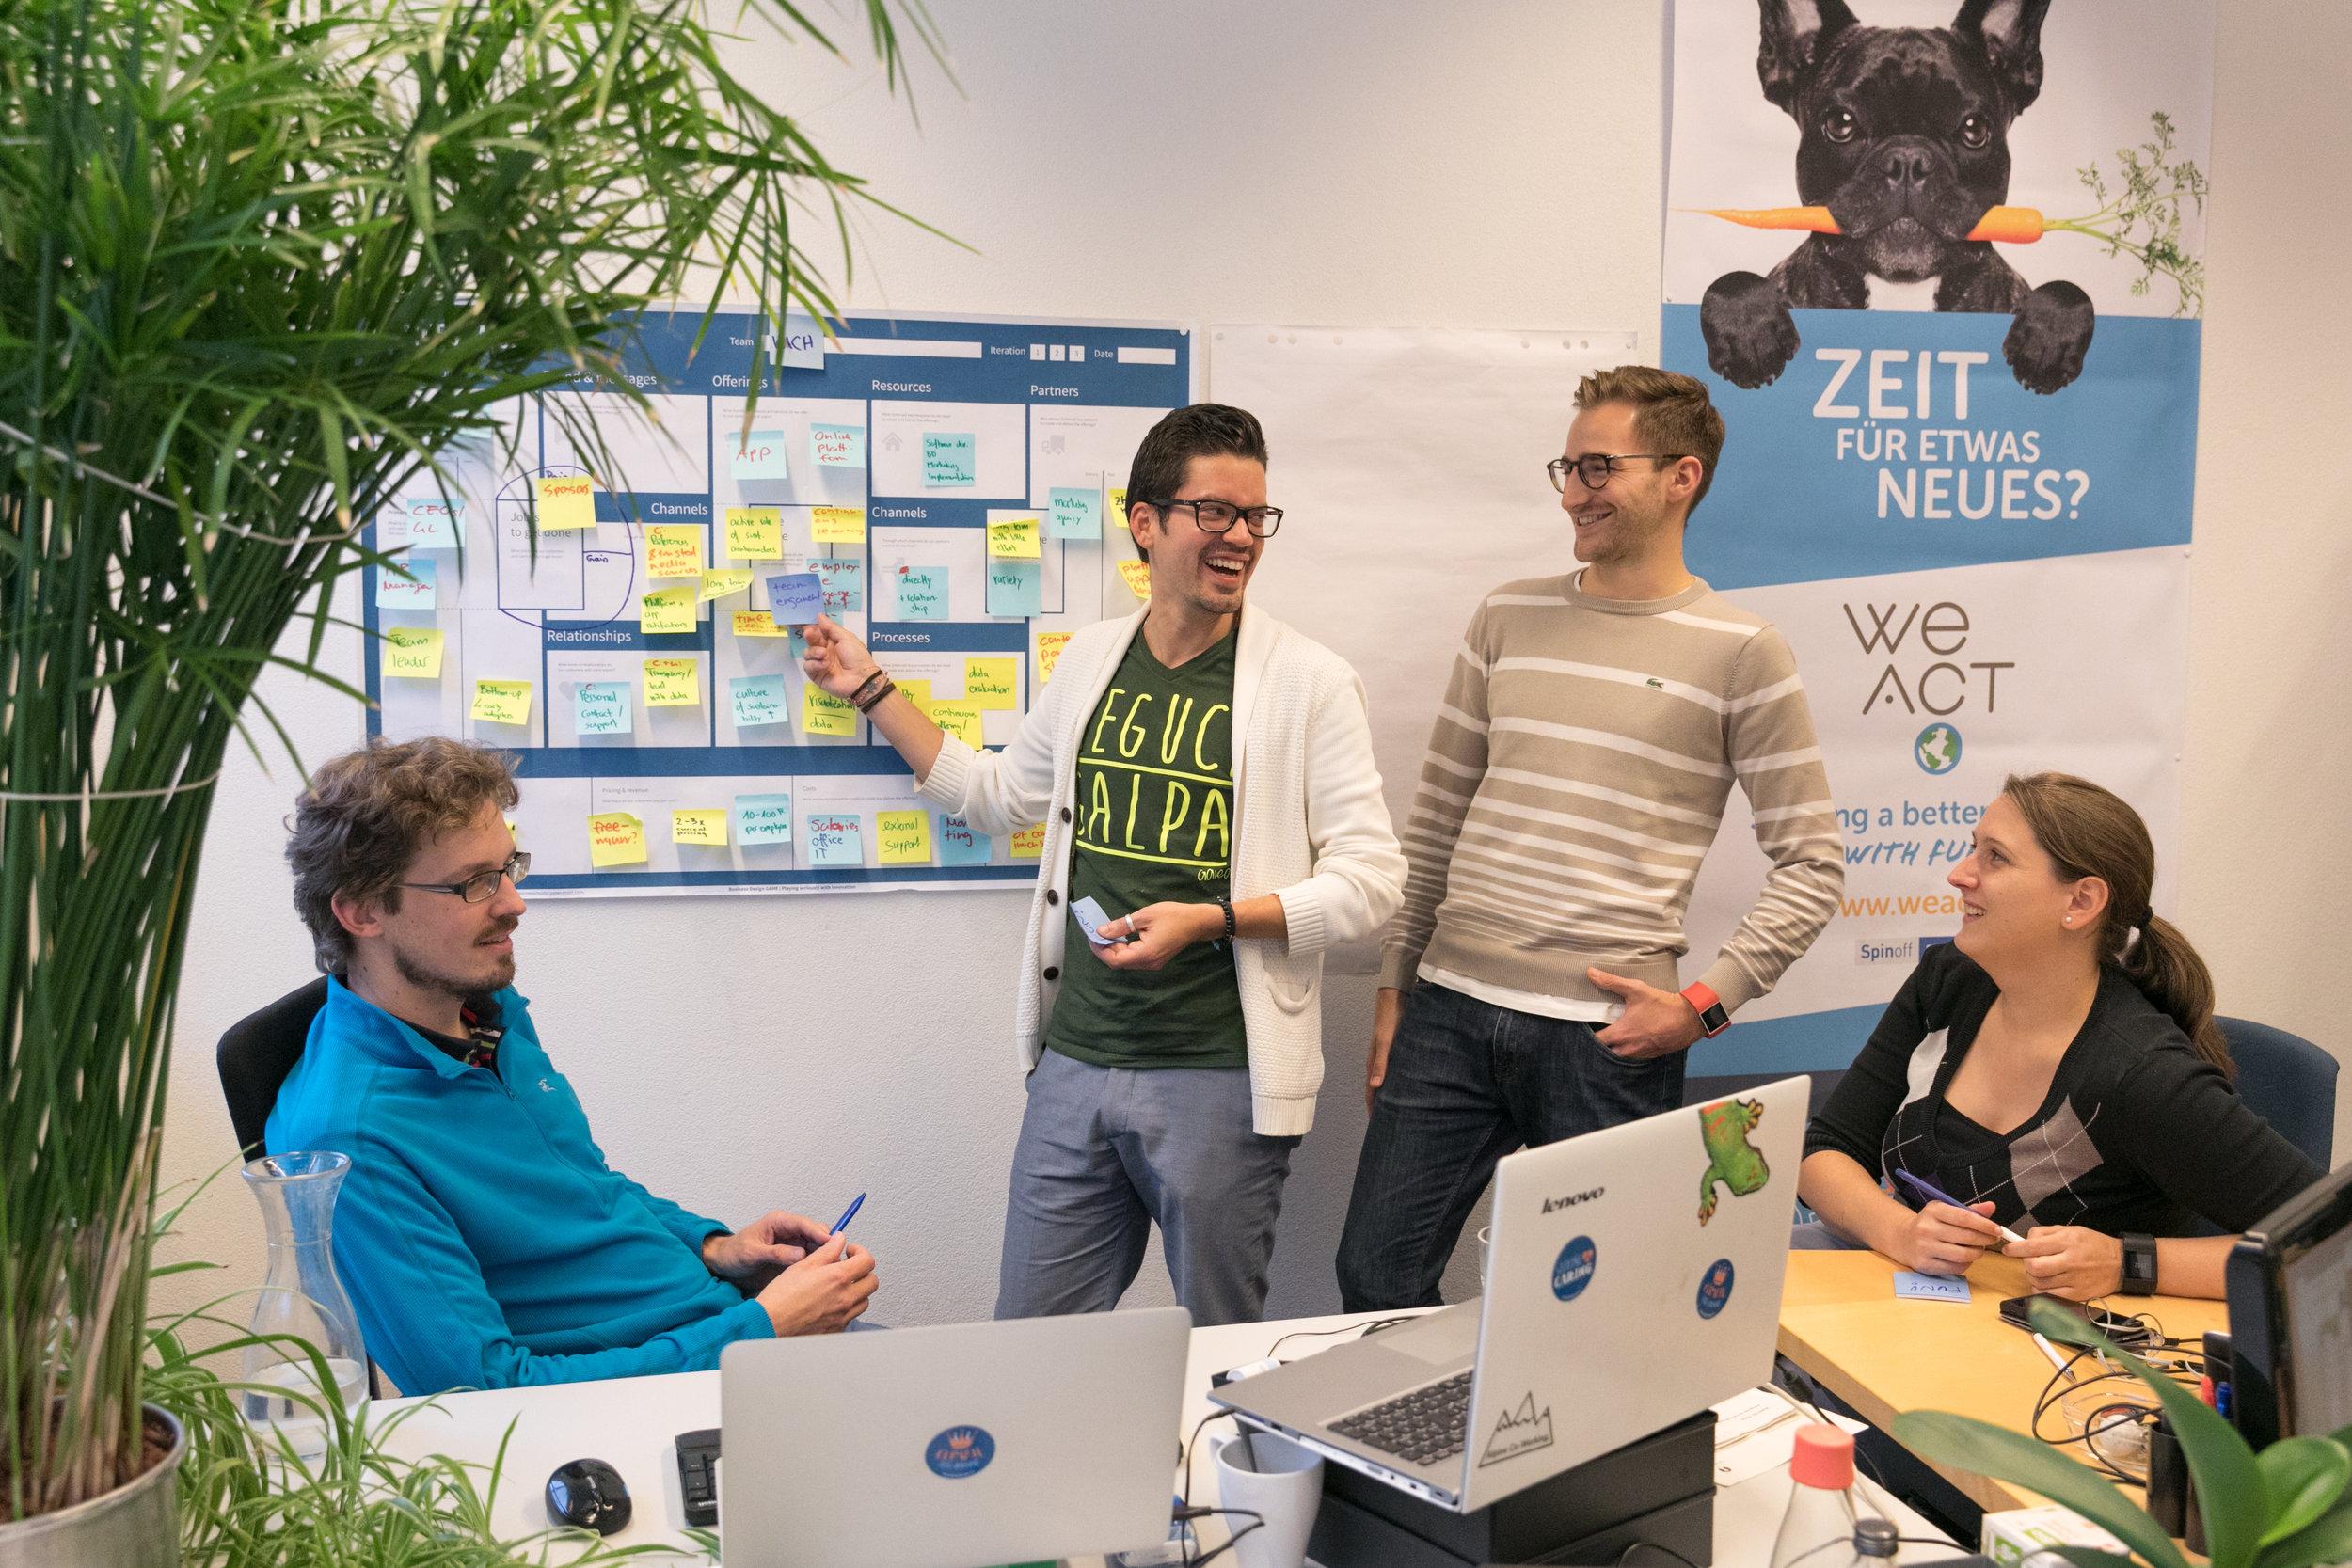 ChristianKaufmann_Weact_Founder_Zurich-3.jpg